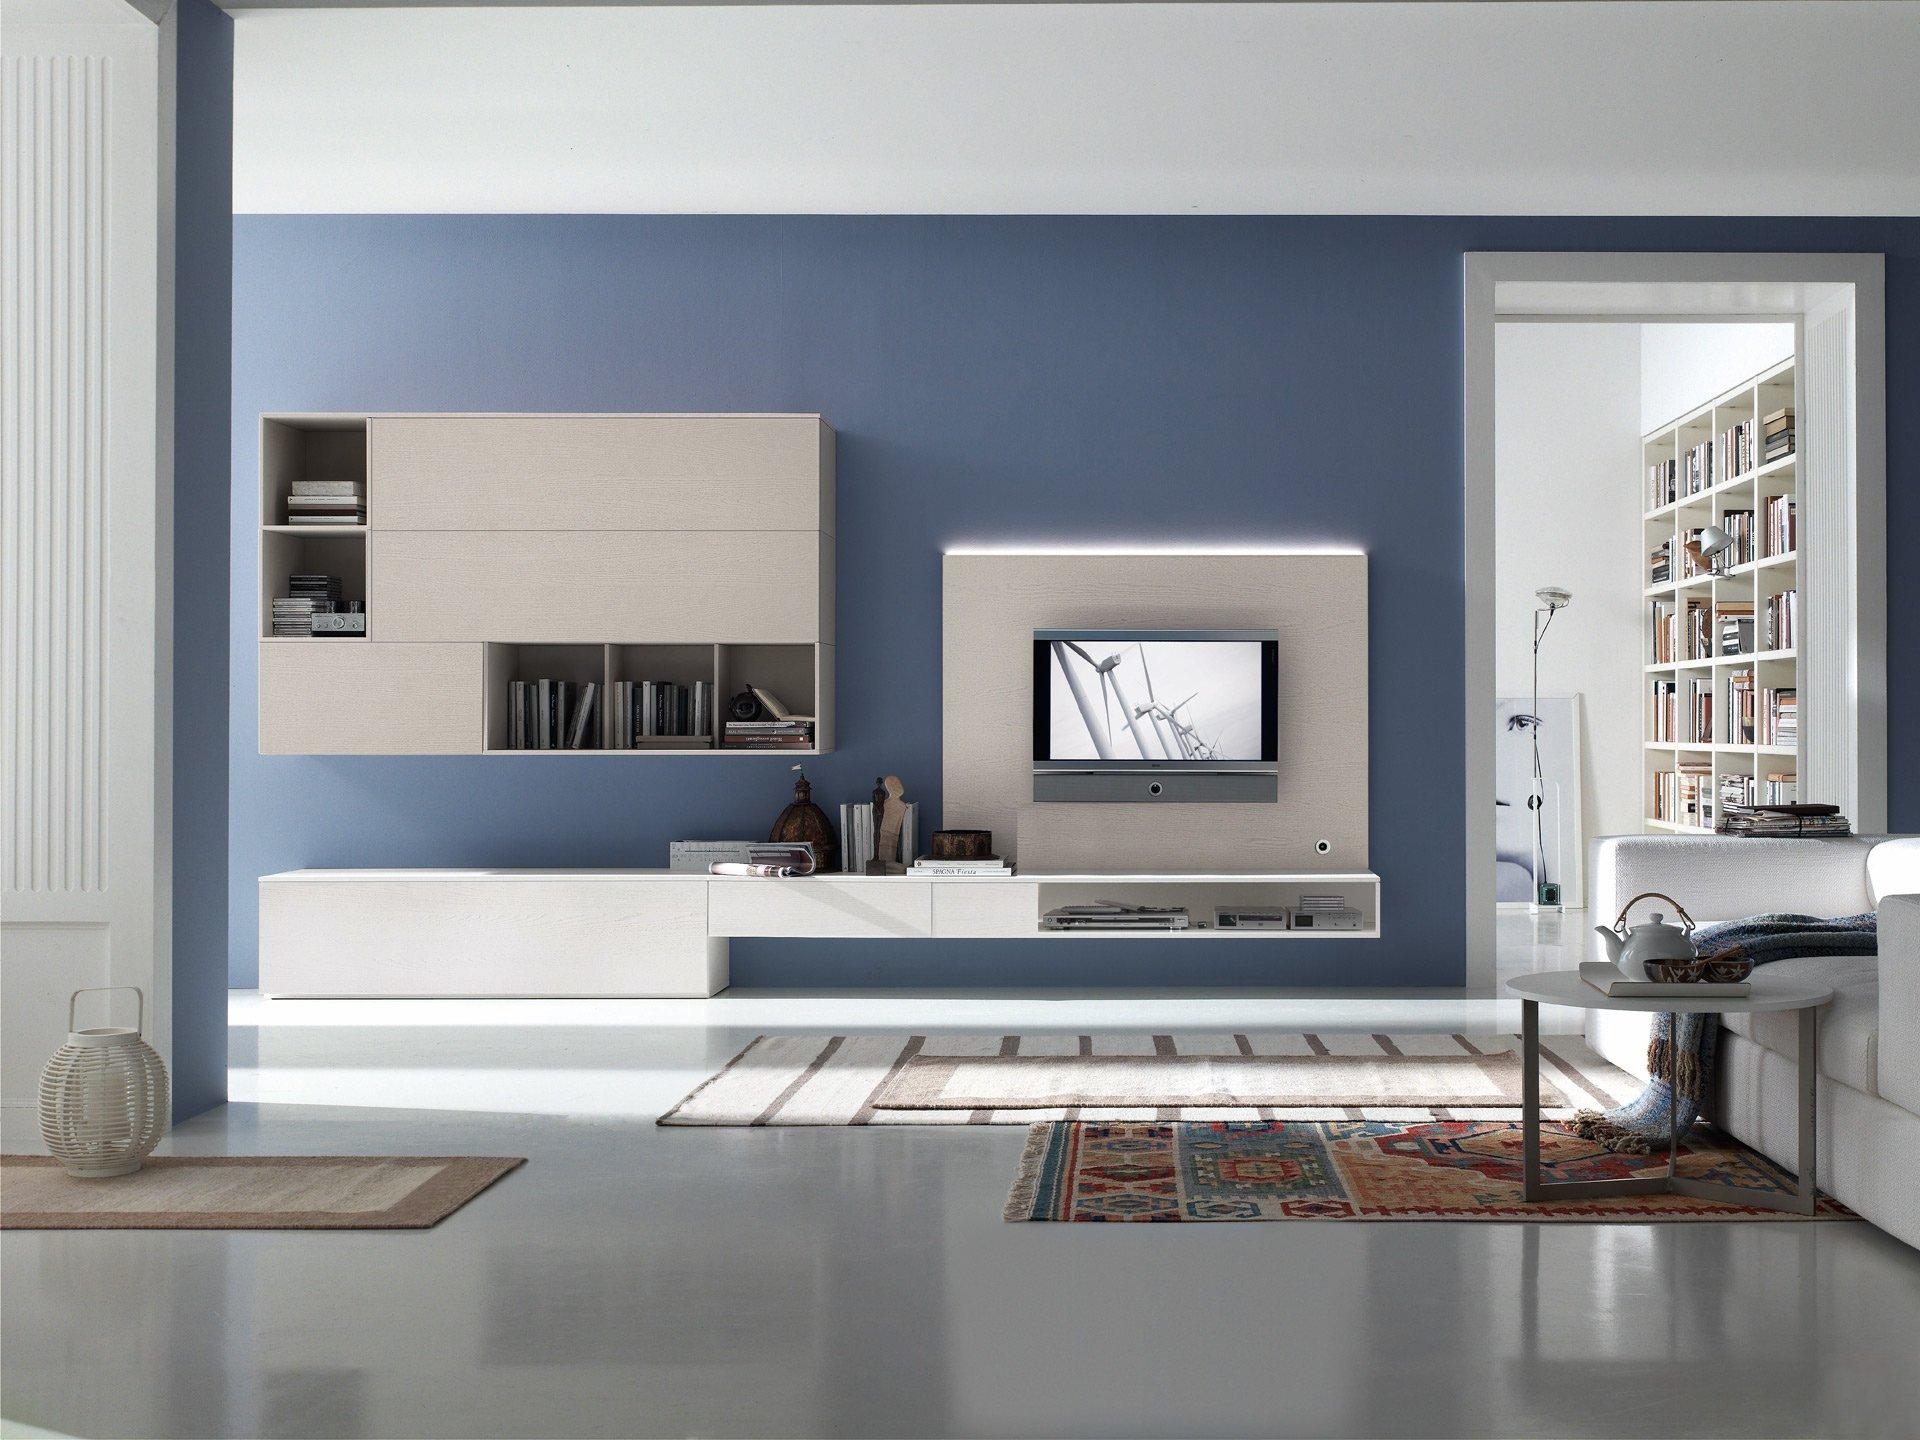 Светлая мебель и ковры в гостиной в стиле хай-тек